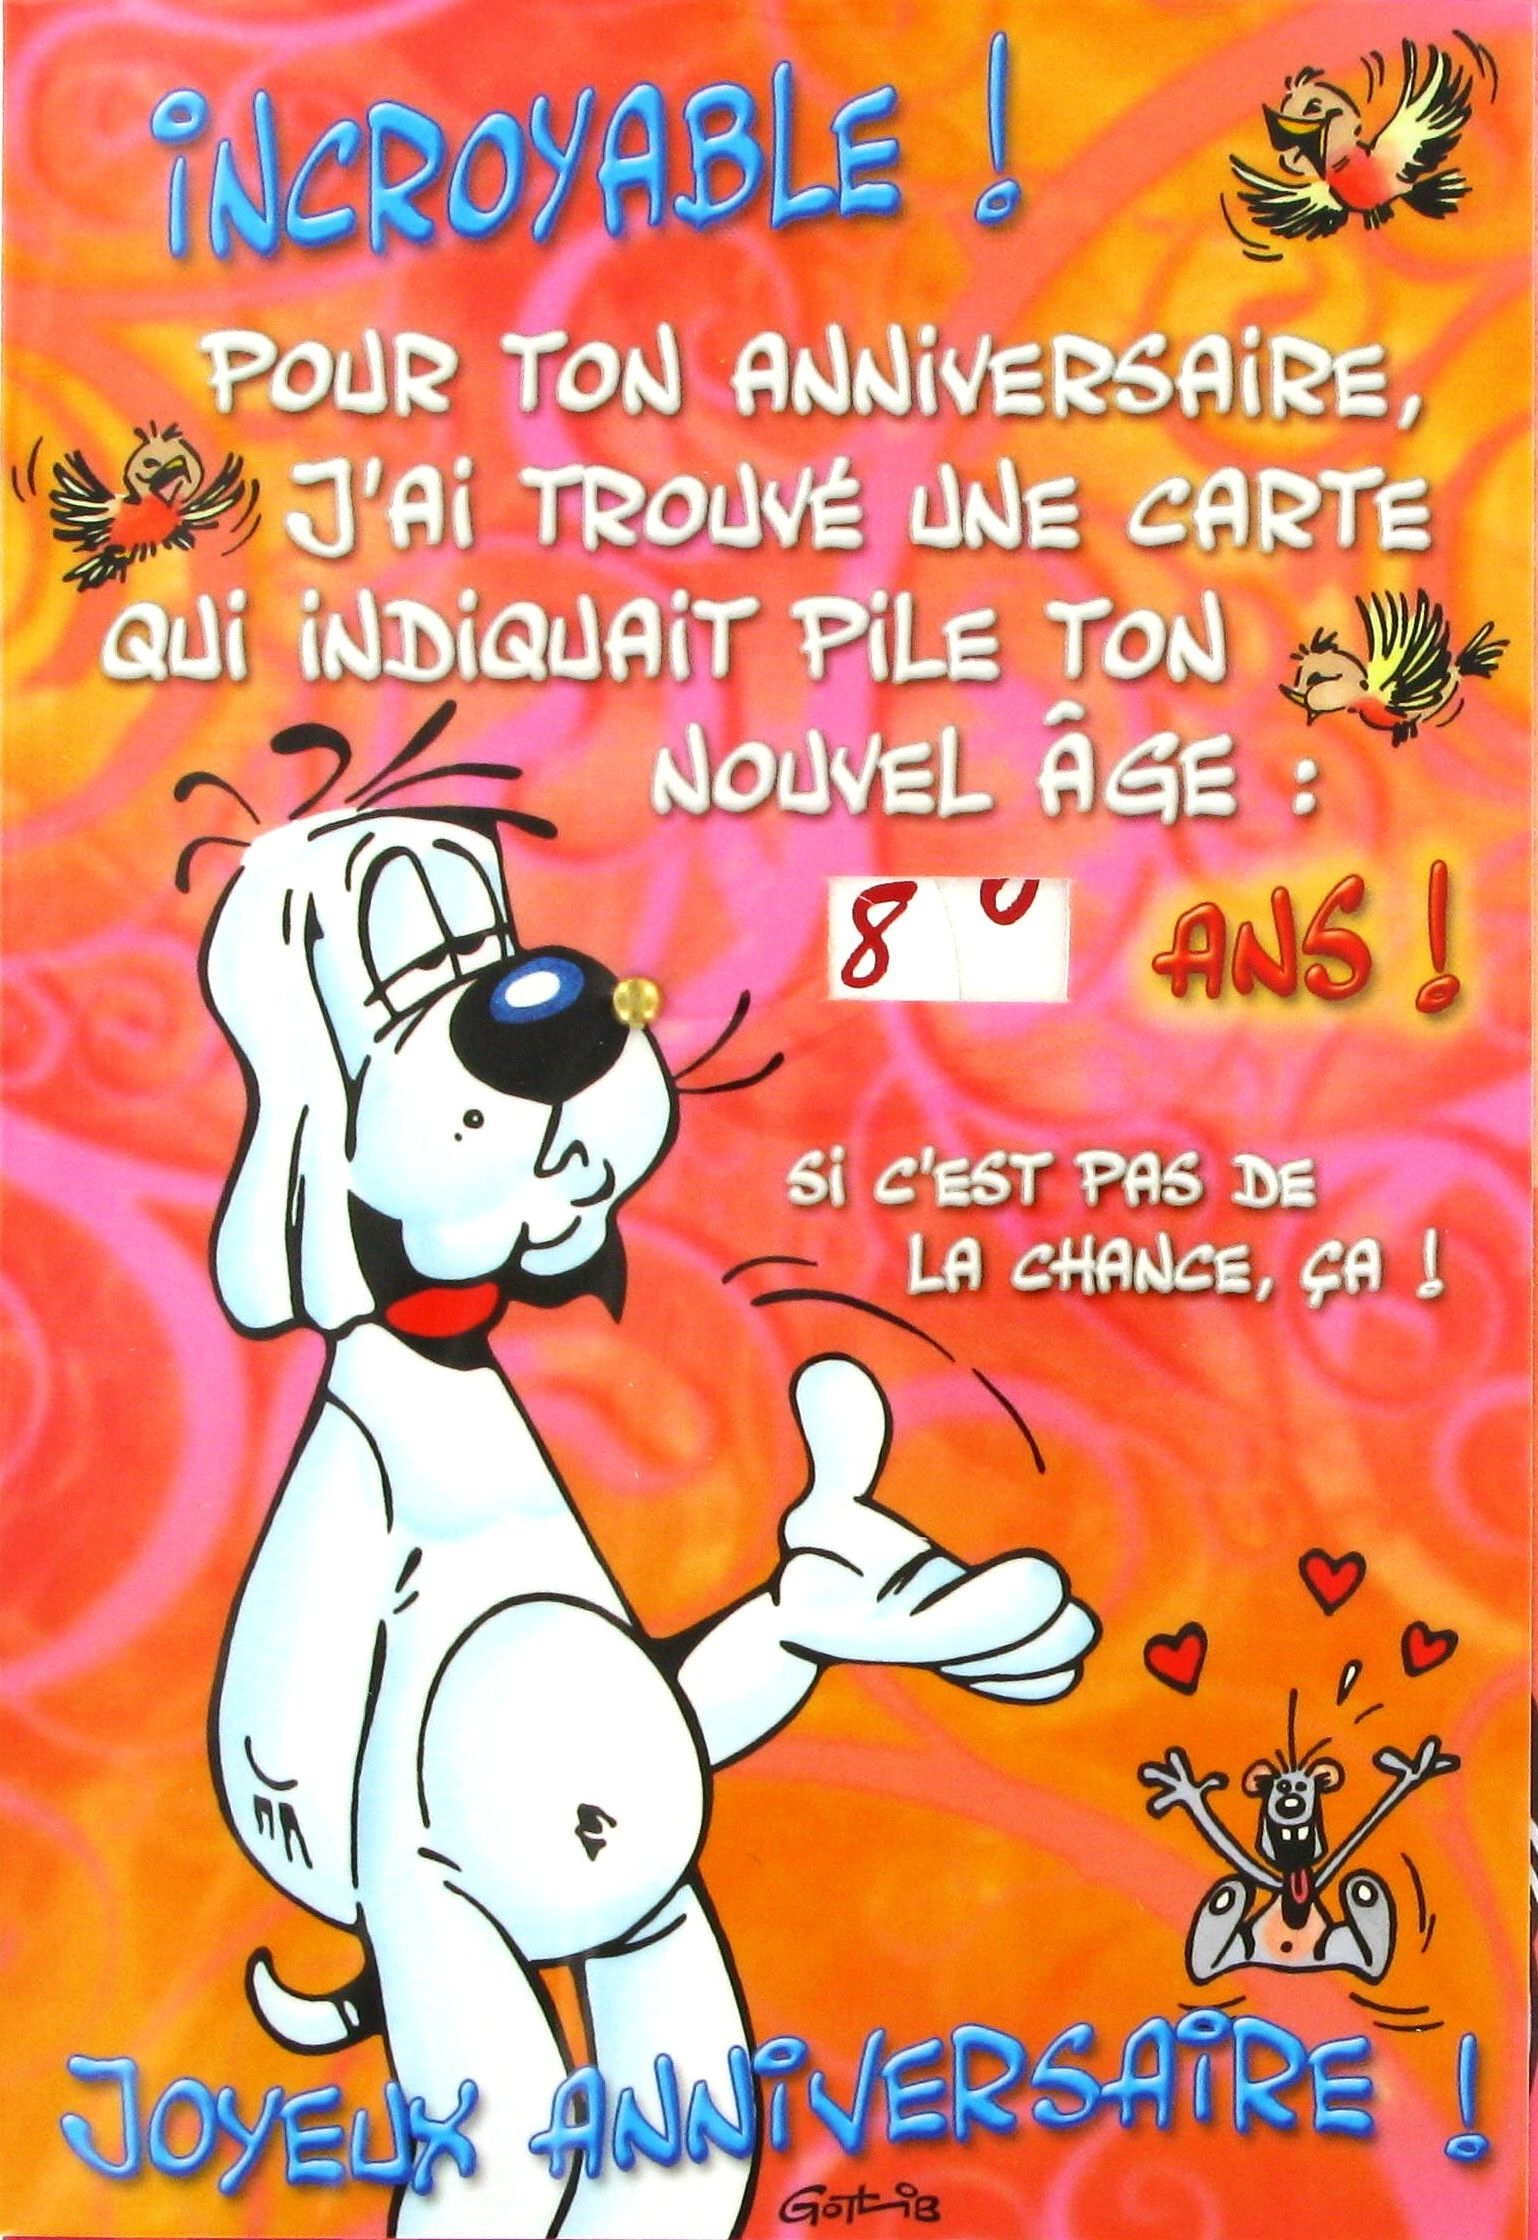 Carte D'invitation Anniversaire 40 Ans Humoristique Gratuite destiné Carte Nouvel An Gratuite